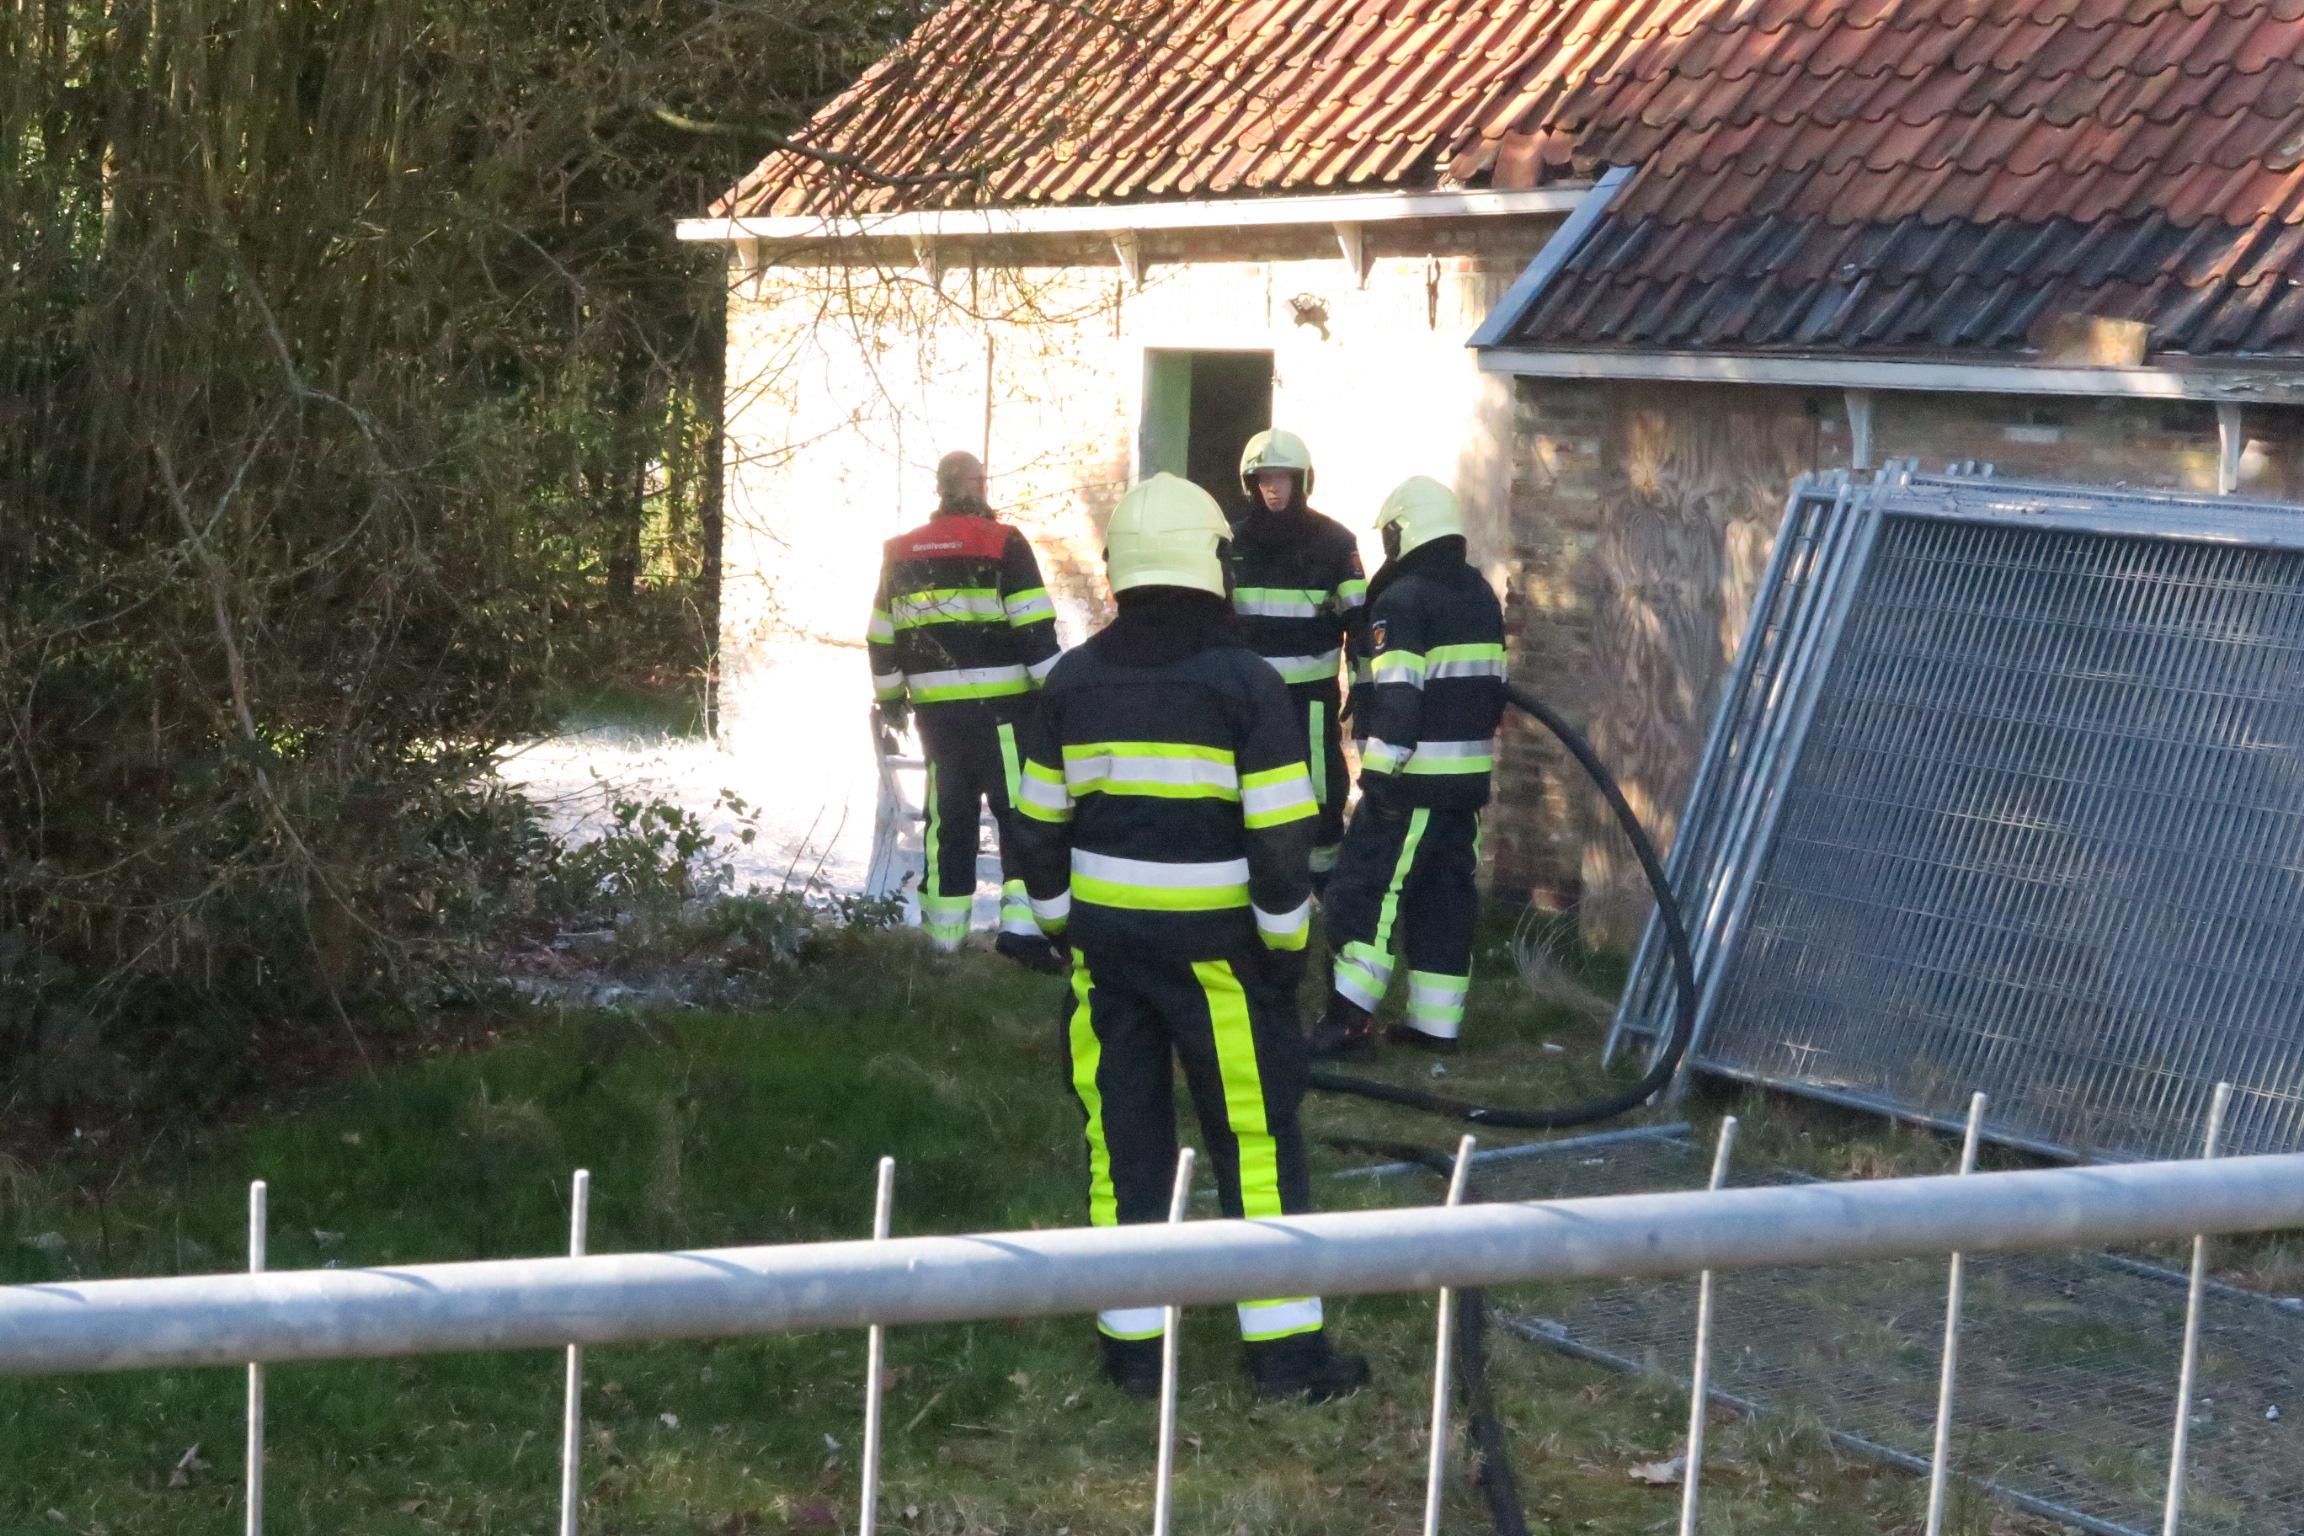 Brandweer blust brandend bankje in Drachten